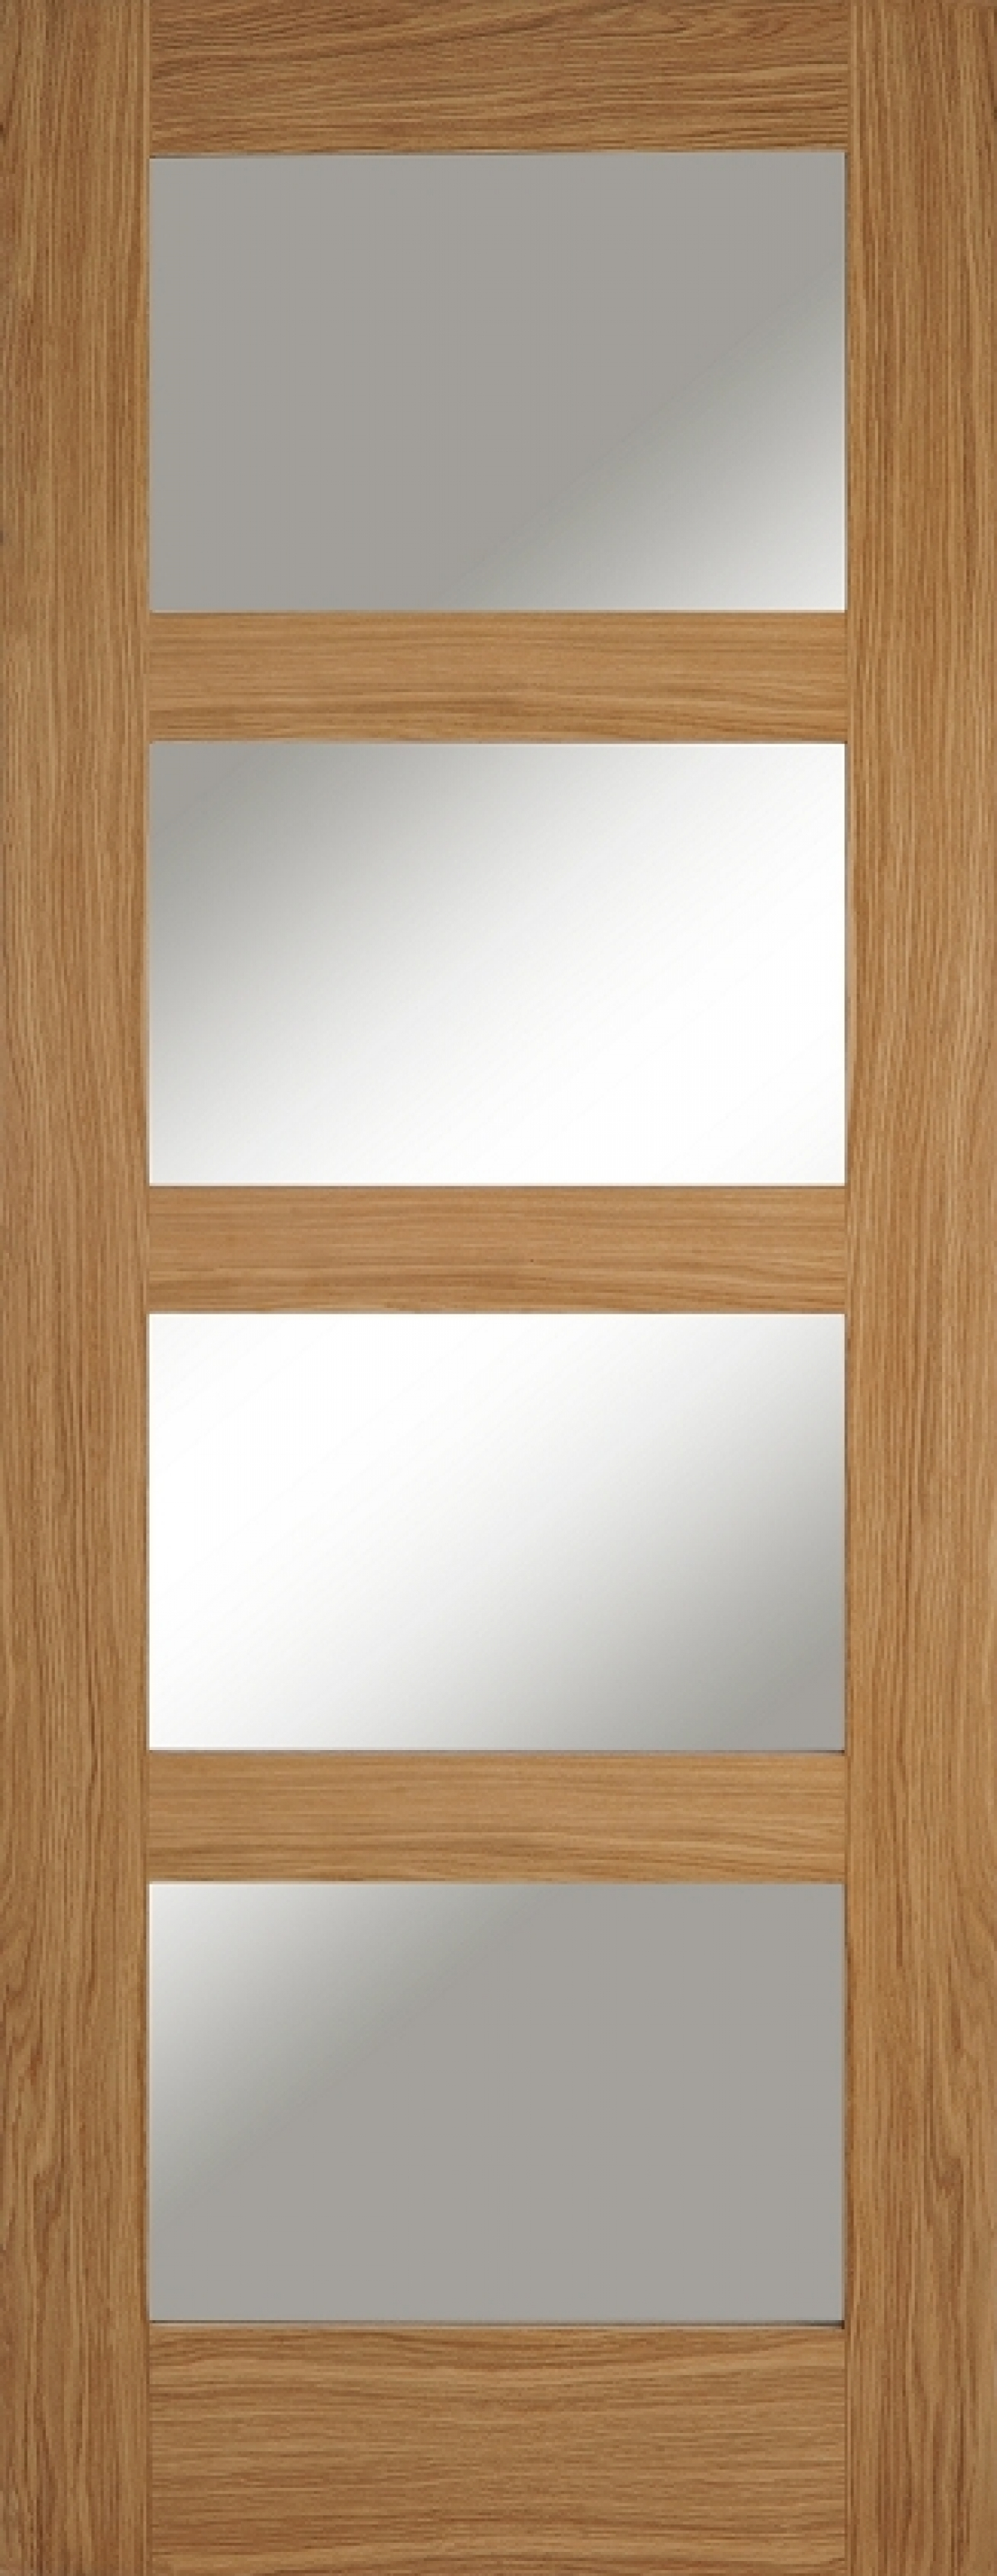 Oak Contemporary 4 Light - PM Mendes & Oak Contemporary 4 Light - PM MENDES | Vibrant Doors